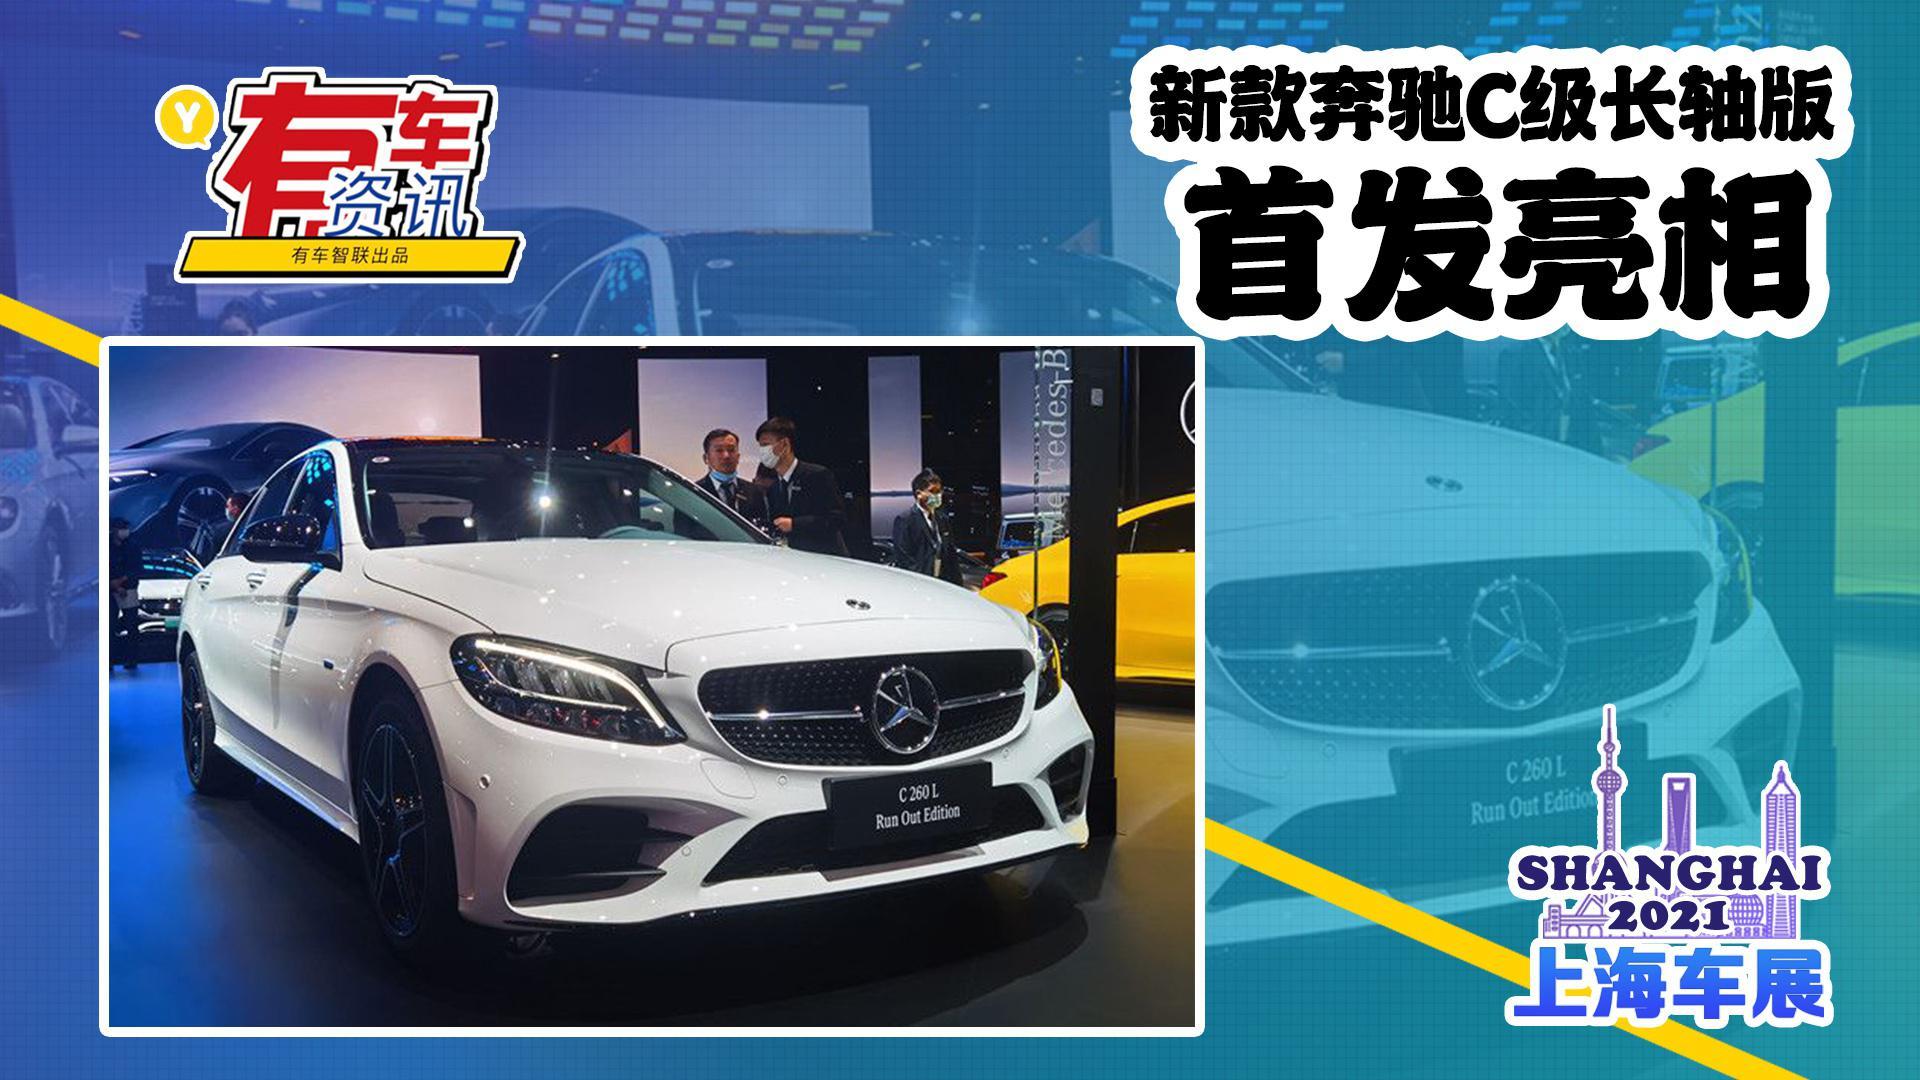 视频:2021上海车展丨新款奔驰C级长轴版首发 轴距增加89mm